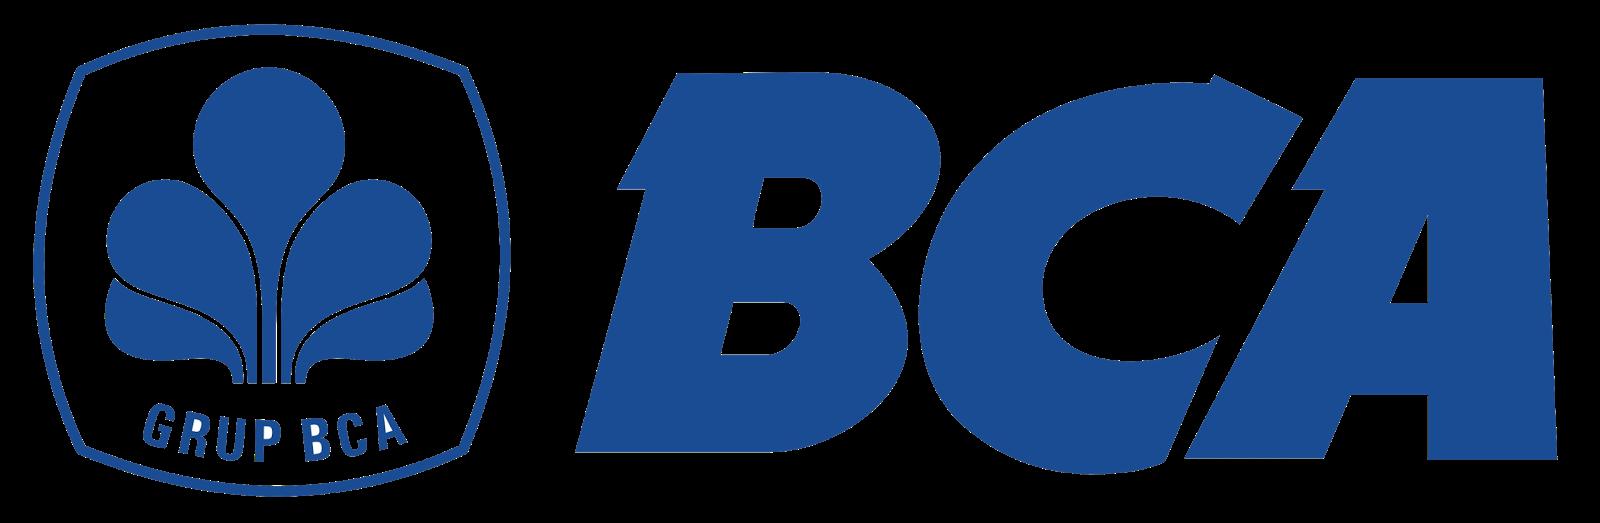 Galery .PNG: Logo Bank BCA .PNG